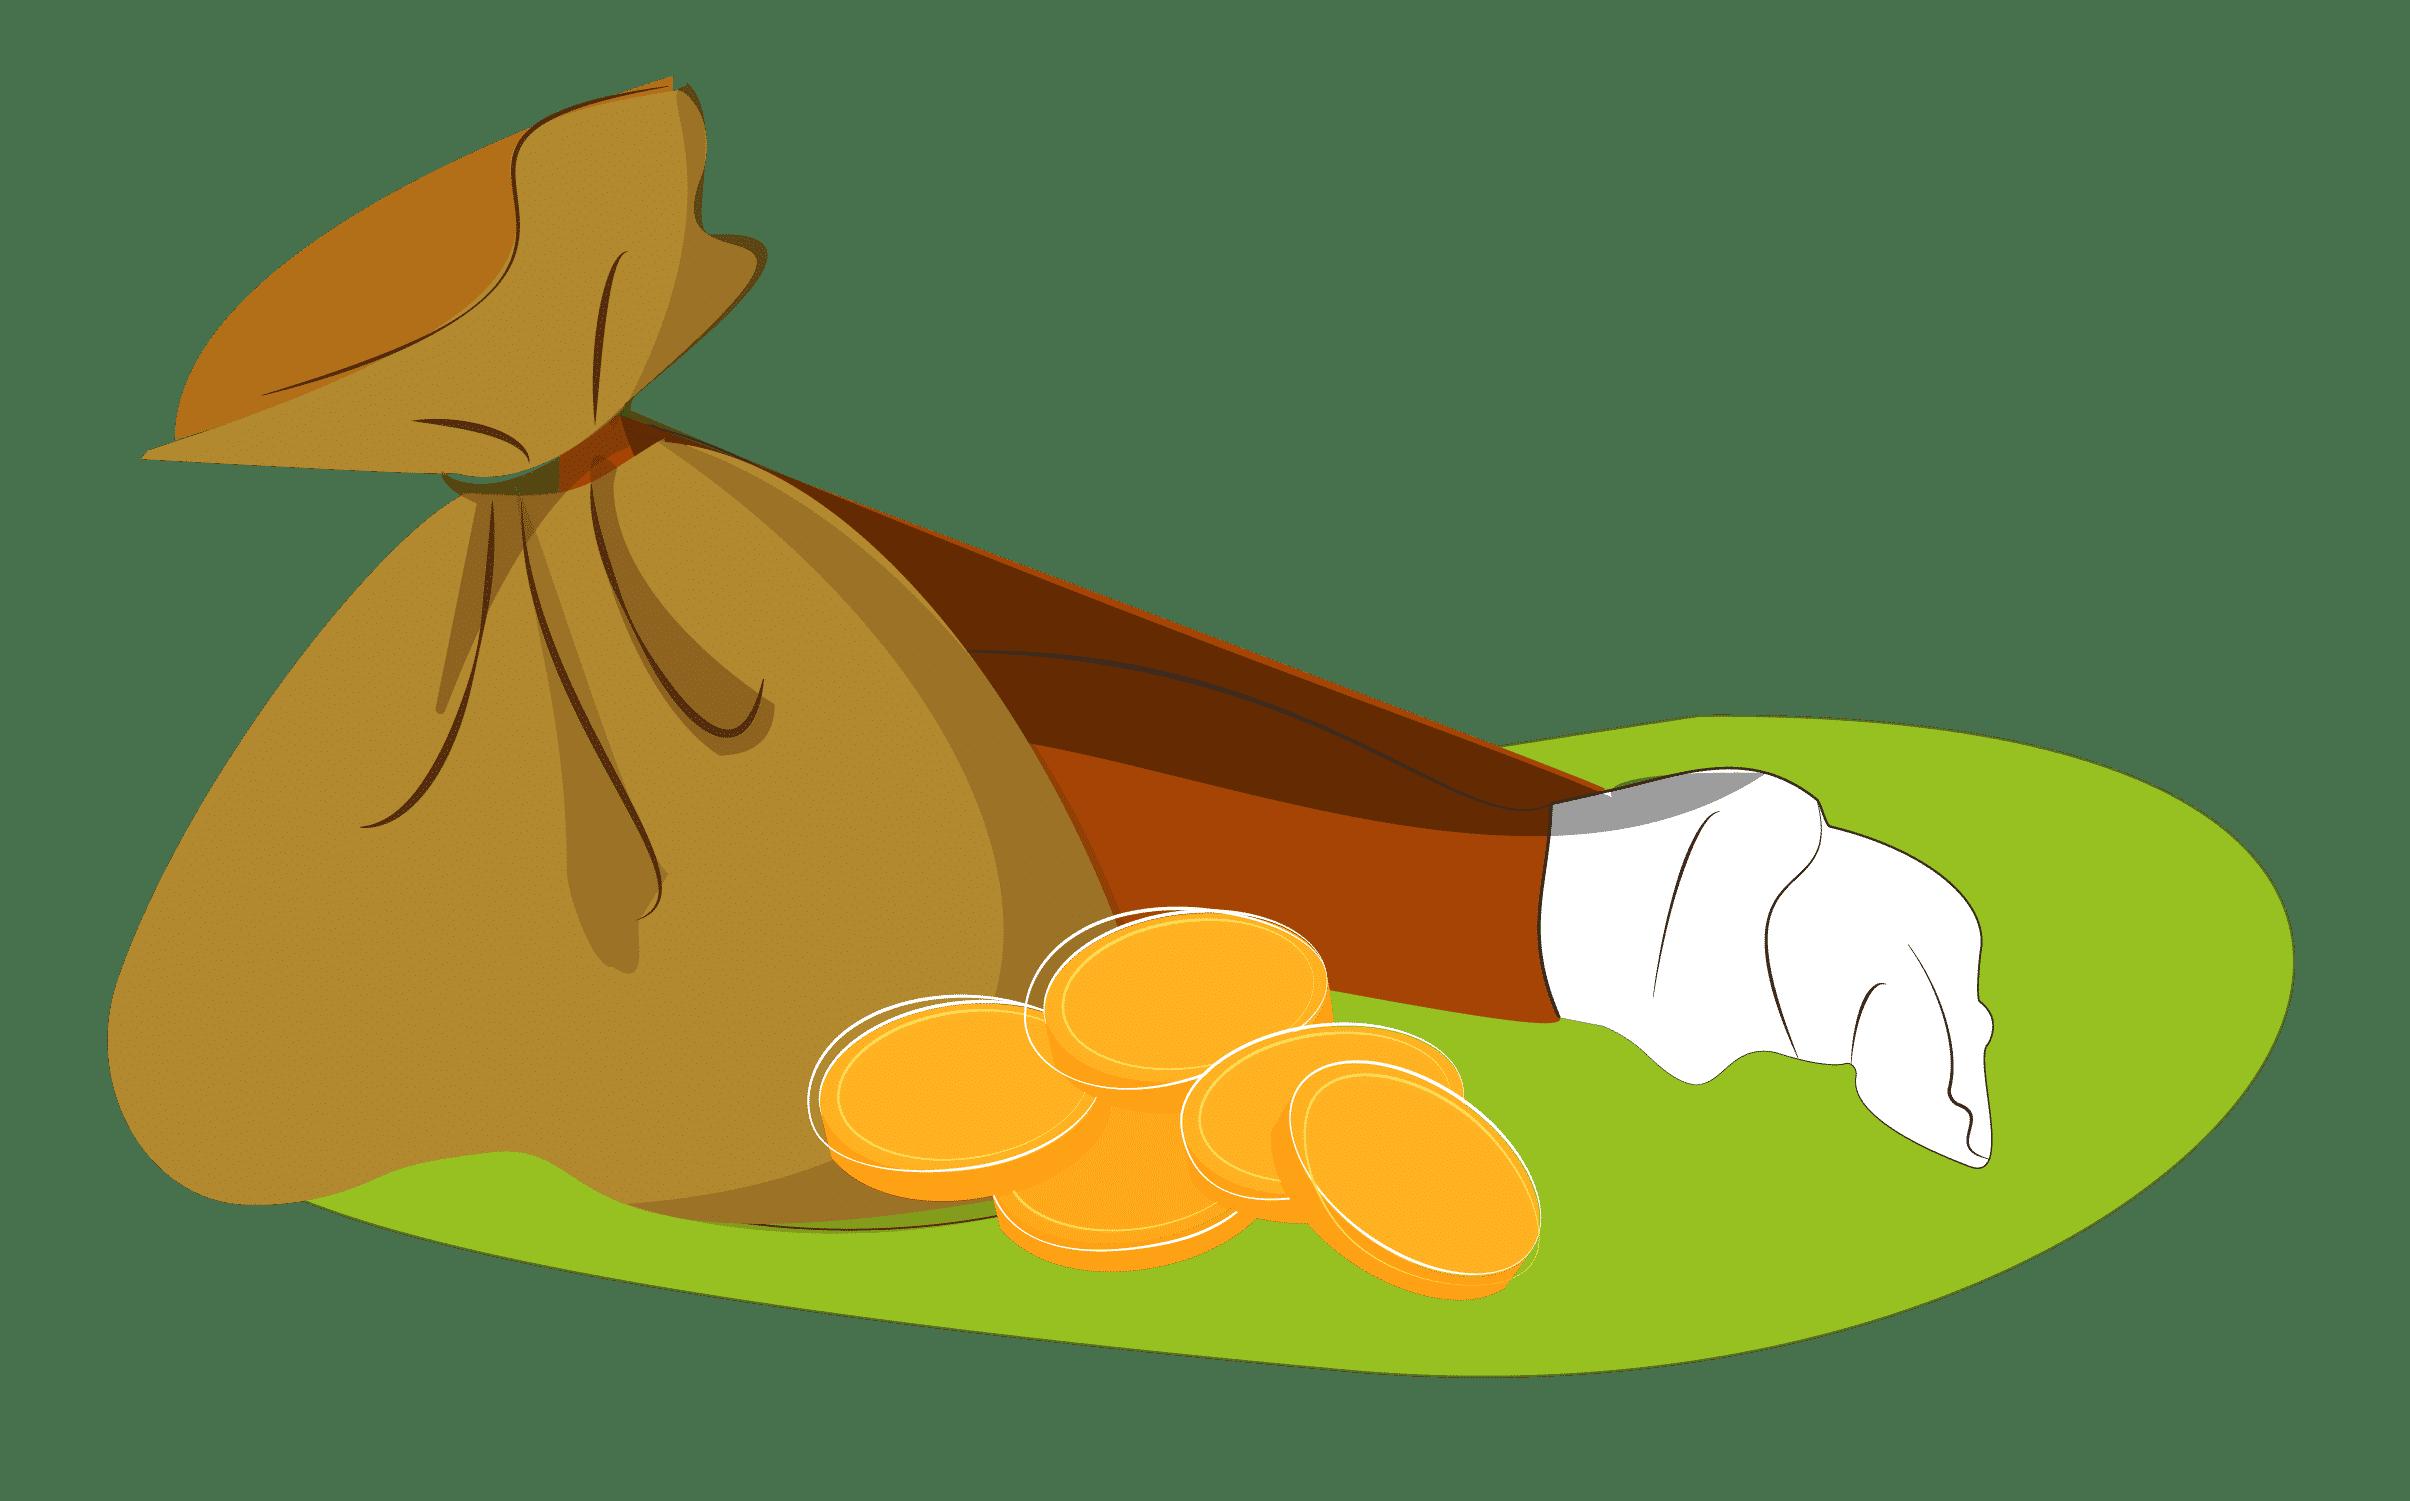 Amende mégot jeté au sol